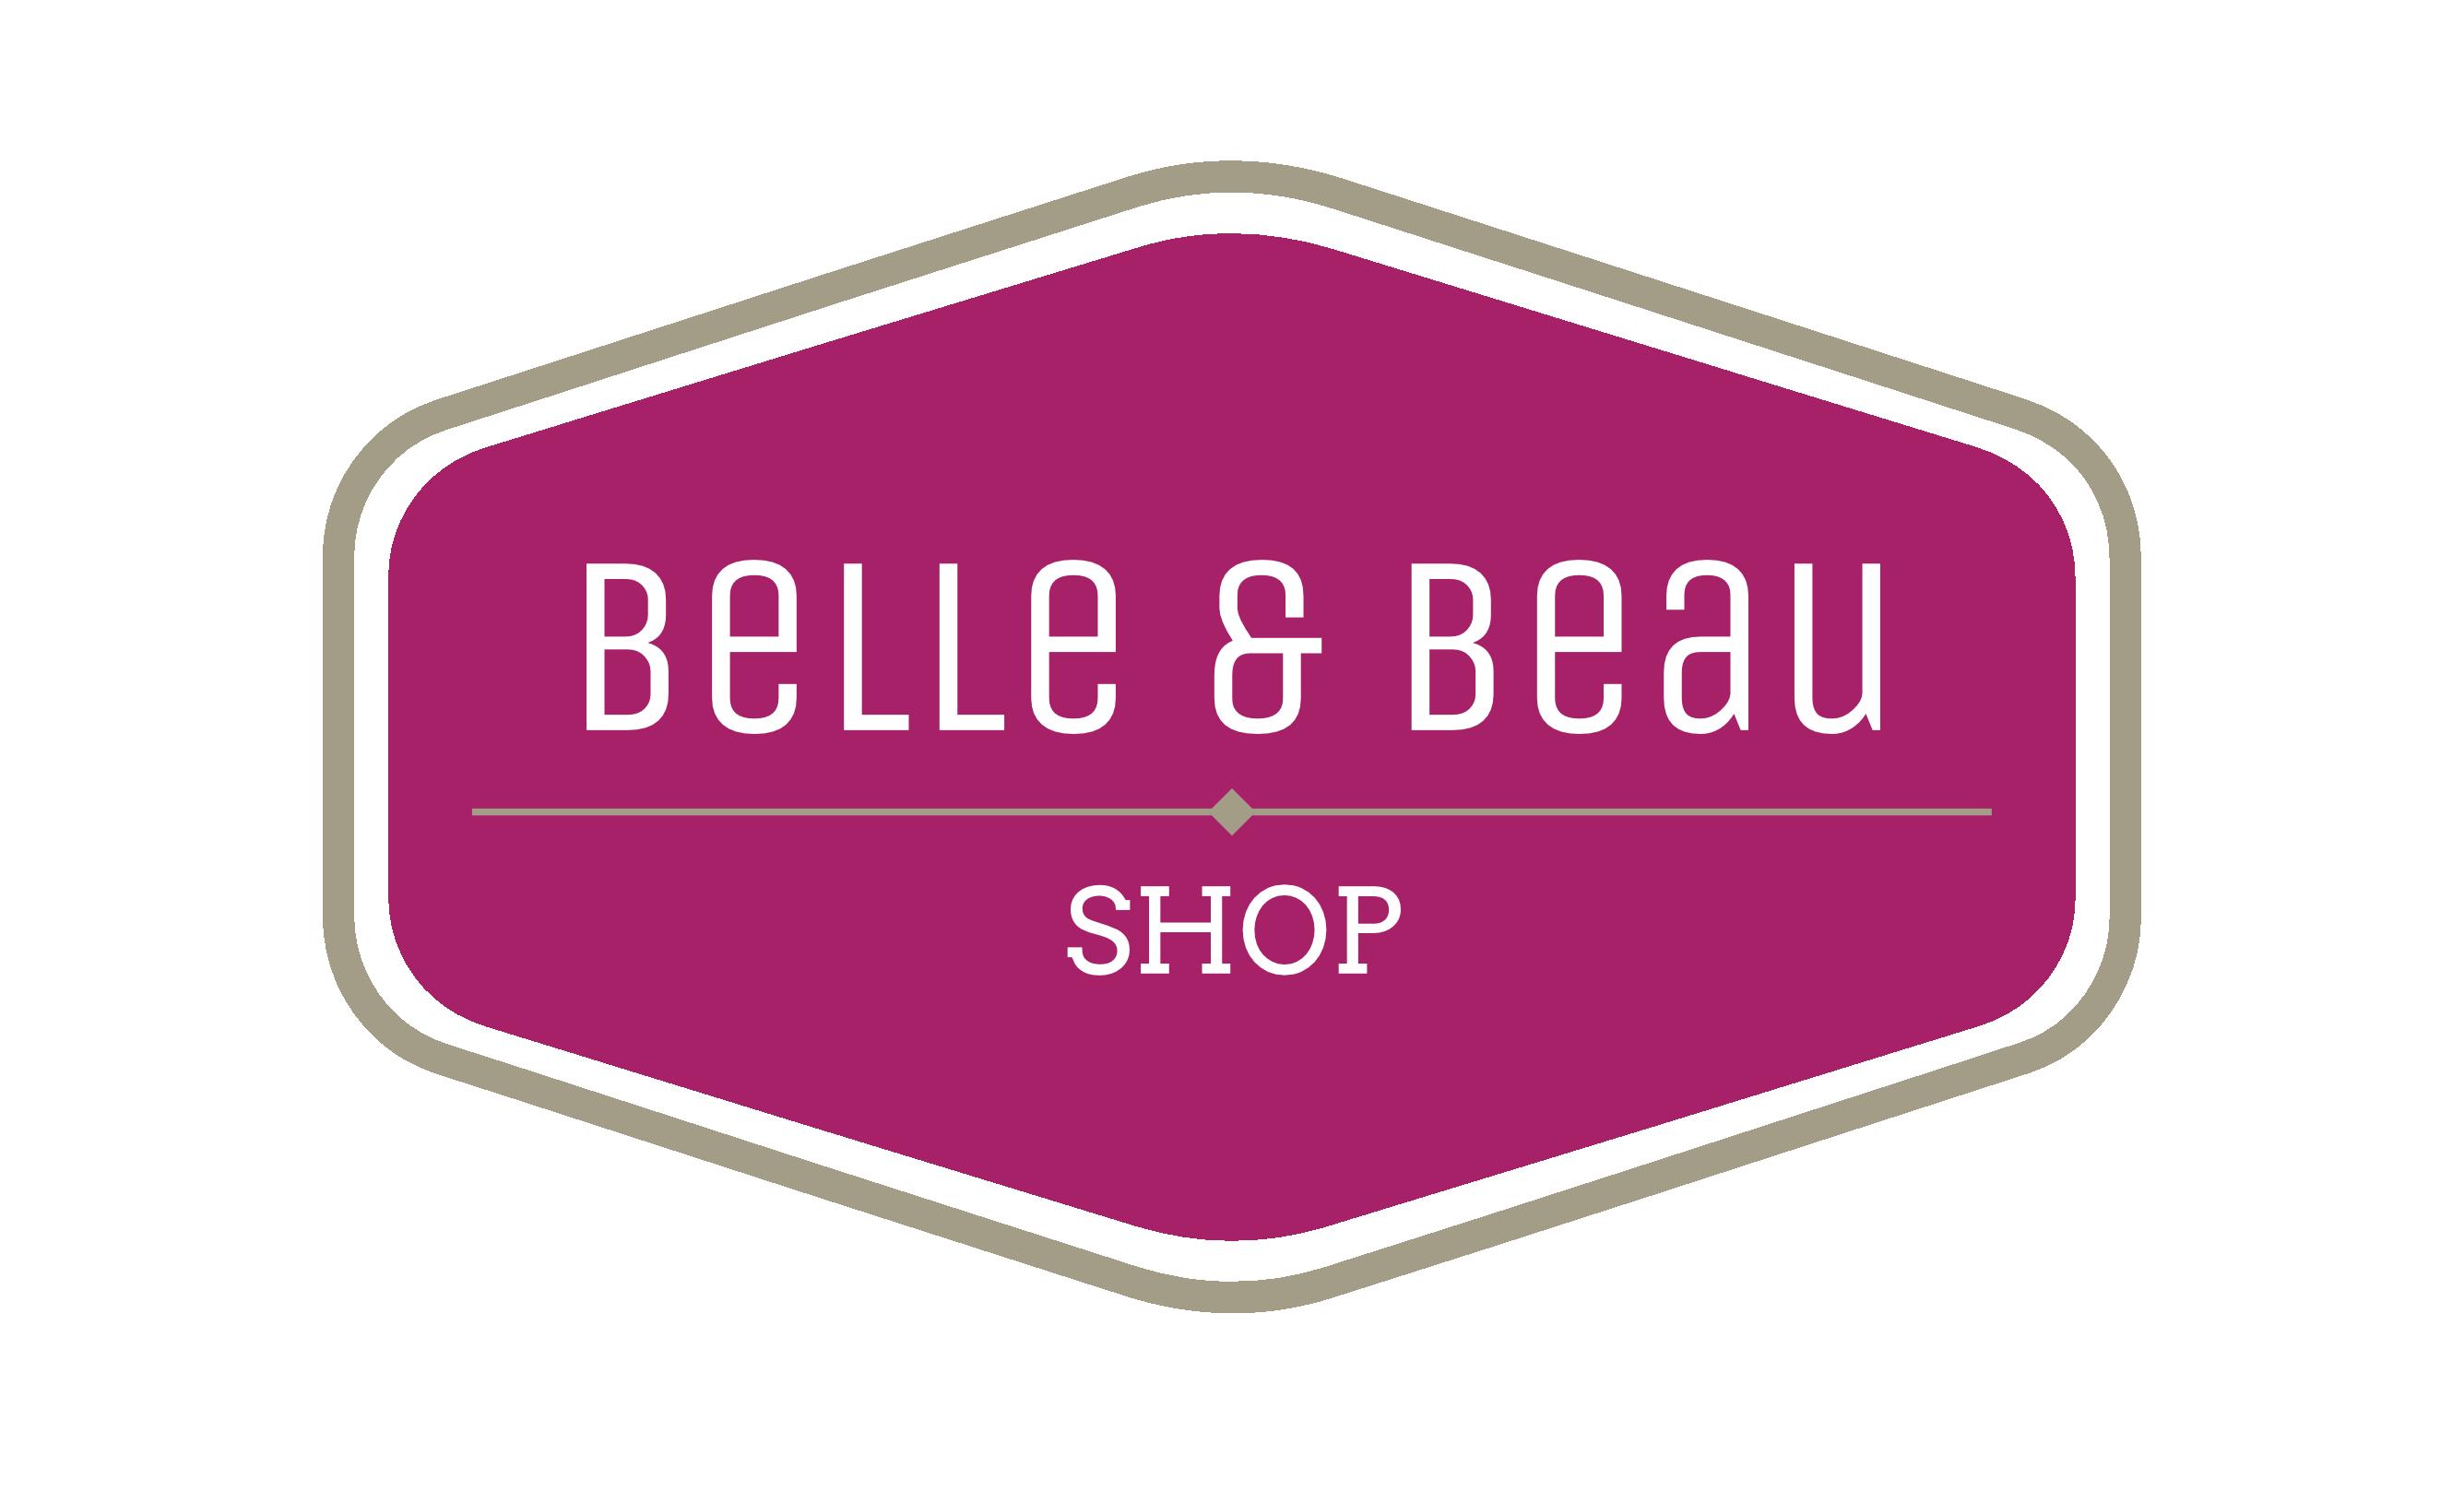 Belle & Beau Shop